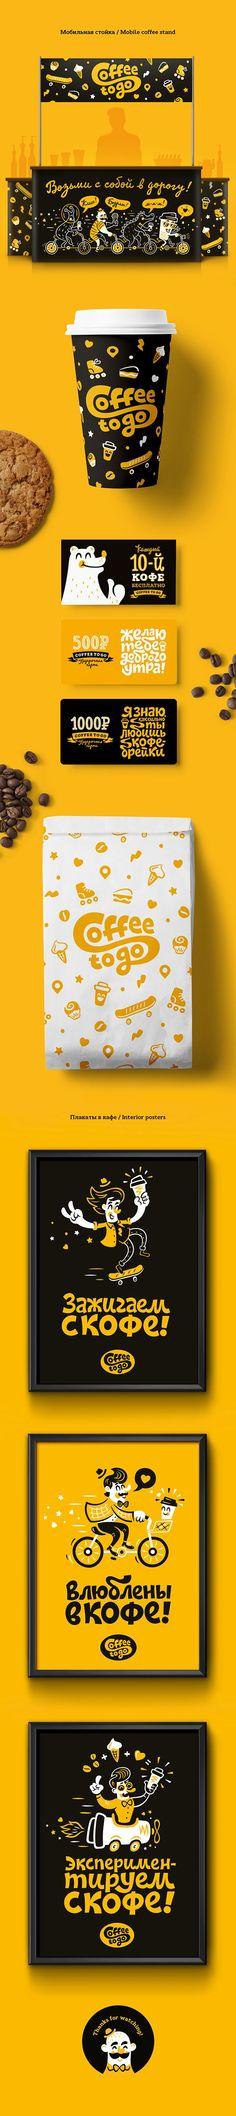 Coffee to Go brand identity.